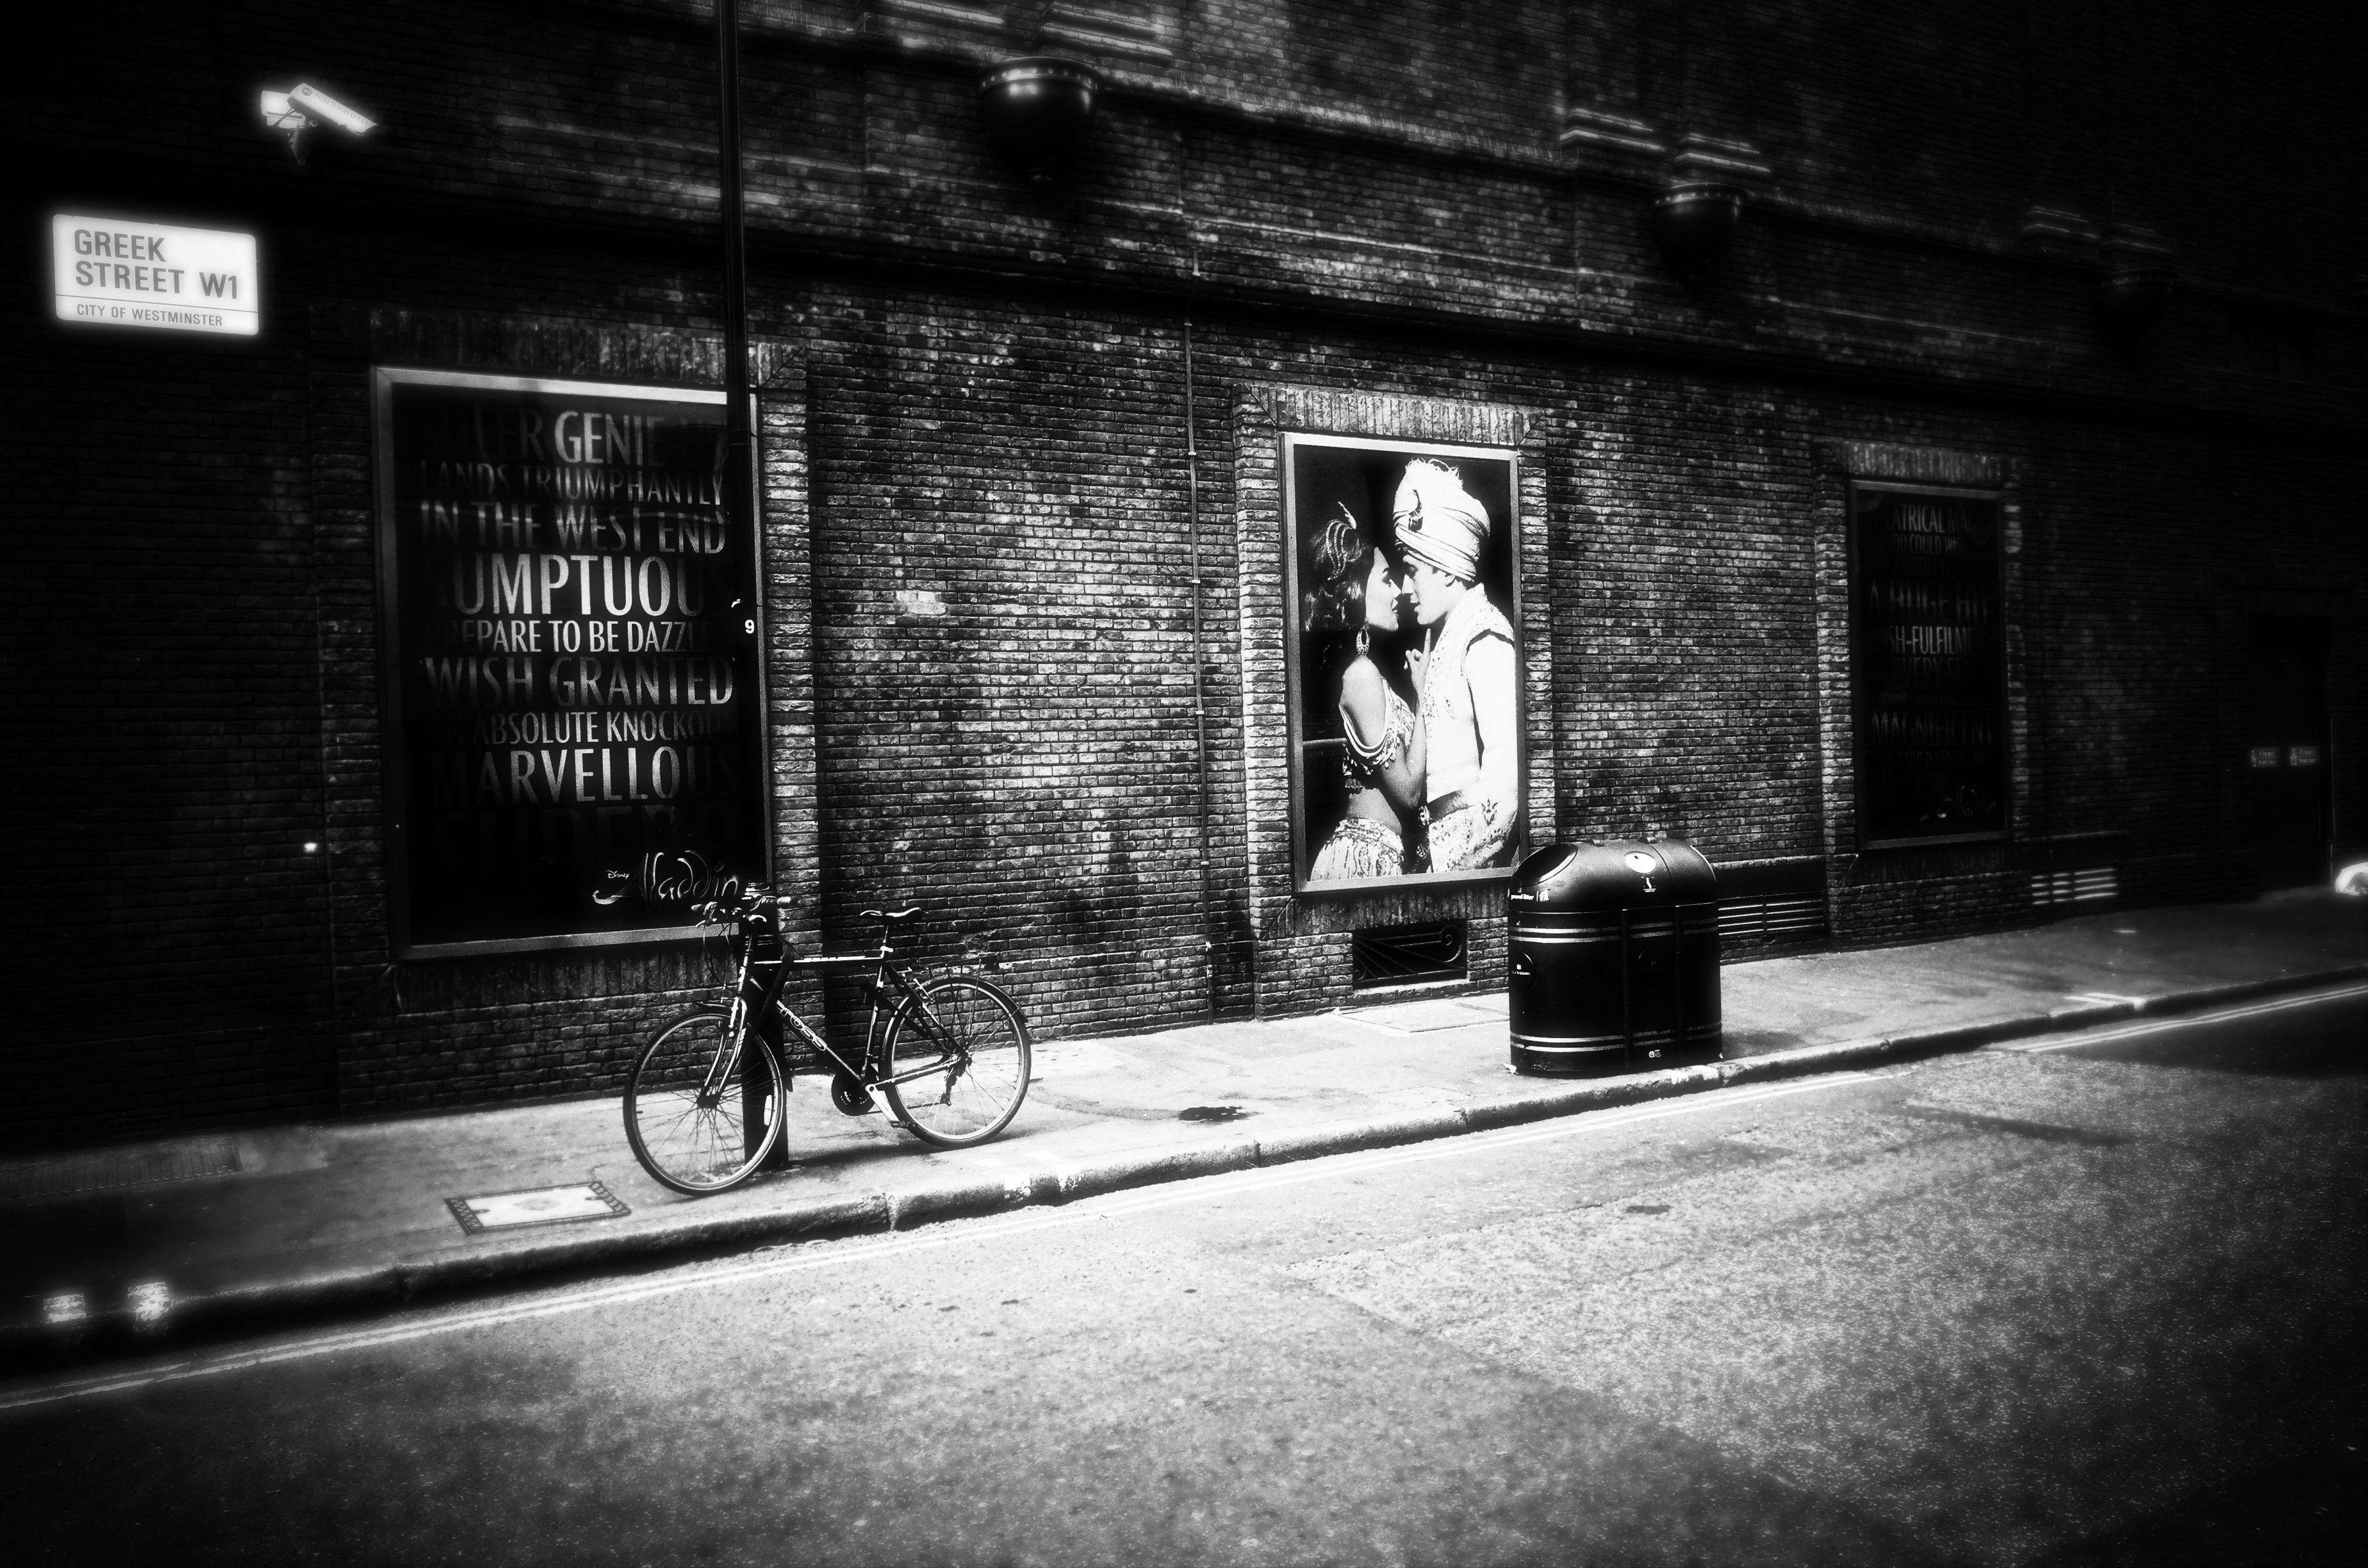 Soho, London, 2016